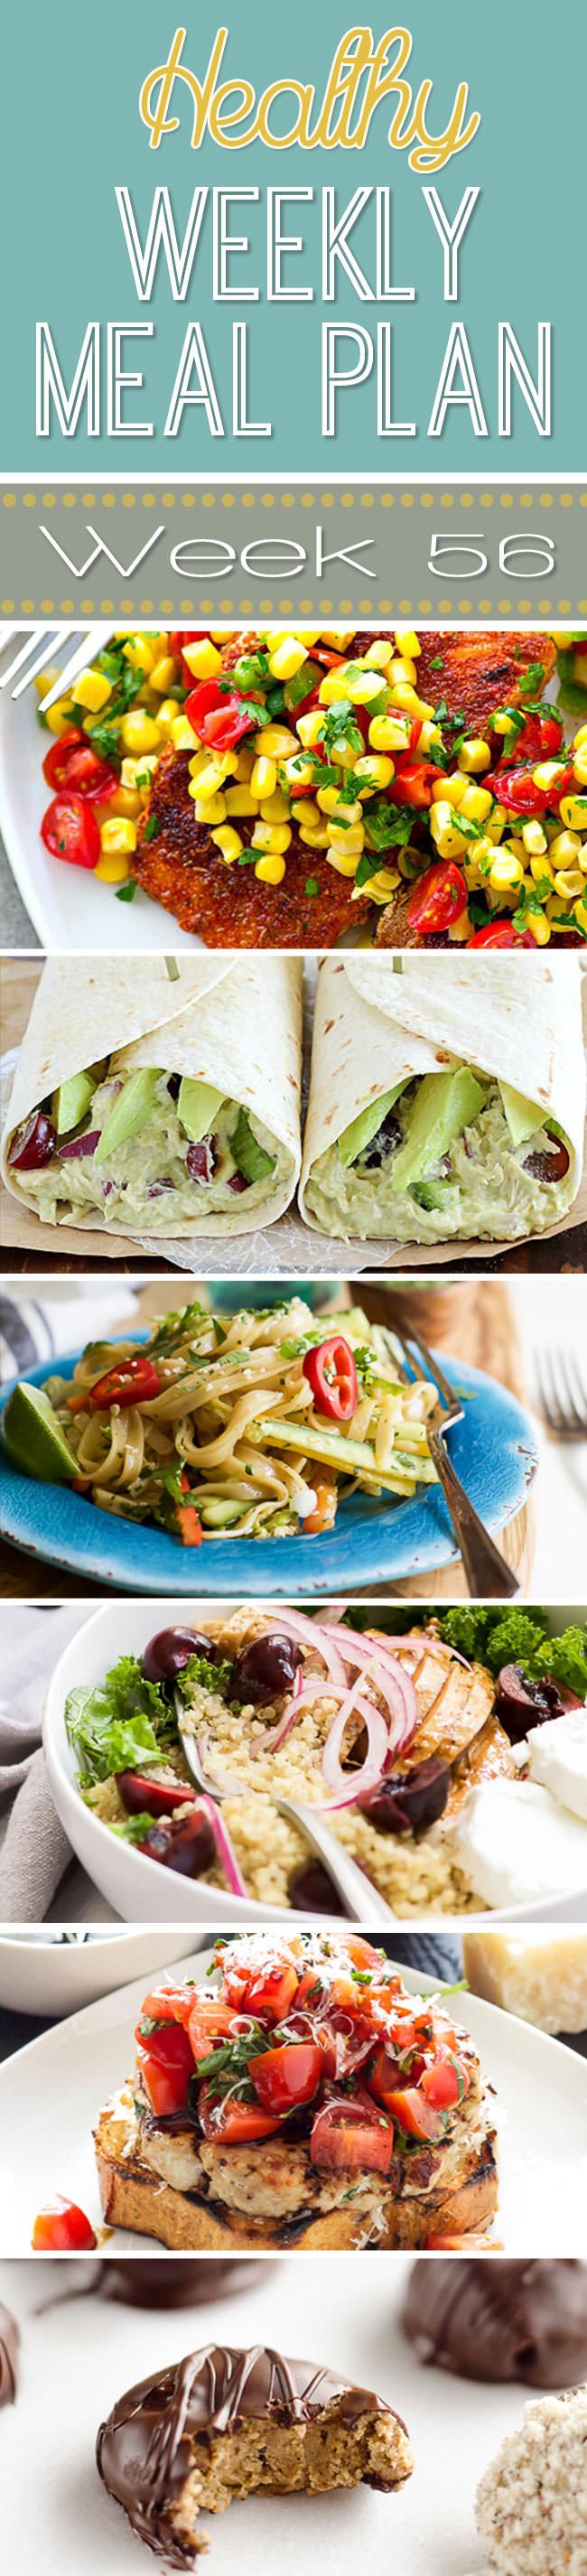 Healthy-Meal-Plan-Week-56-Vertical